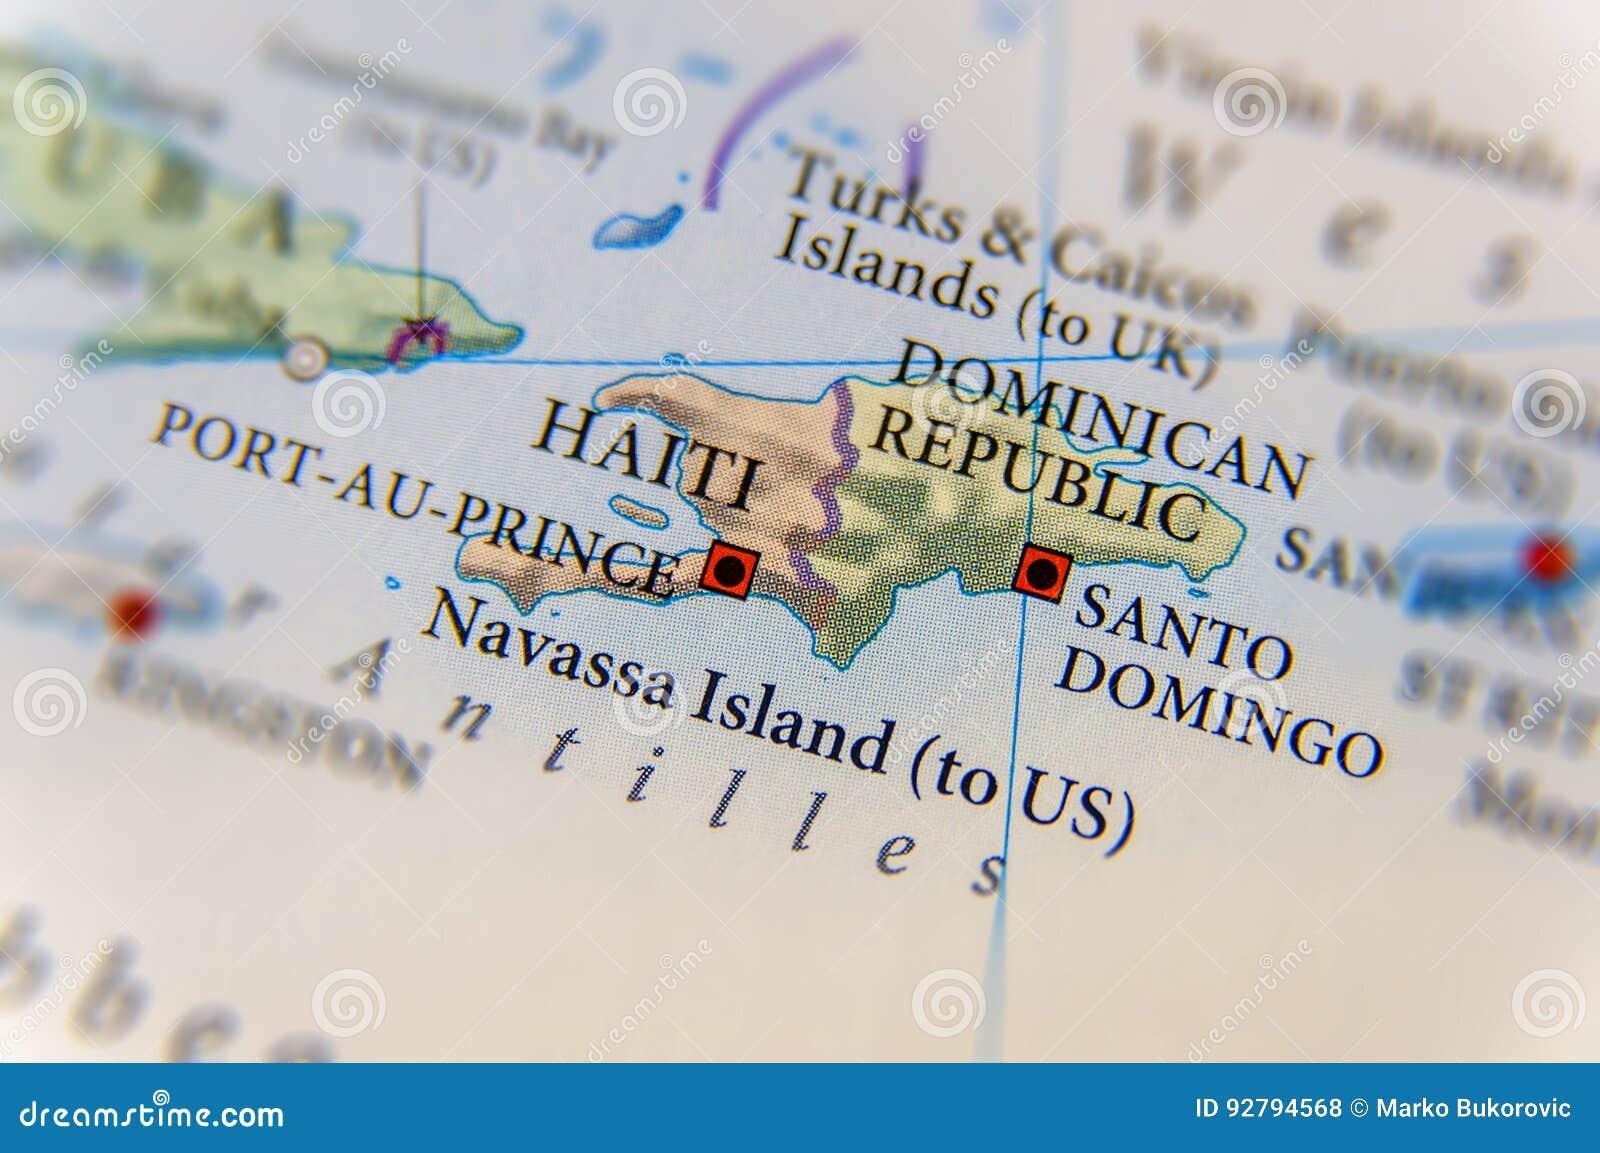 Cartina Geografica Haiti.Mappa Della Repubblica Dominicana E Di Haiti Geografico Fotografia Stock Immagine Di Paese Portoricana 92794568